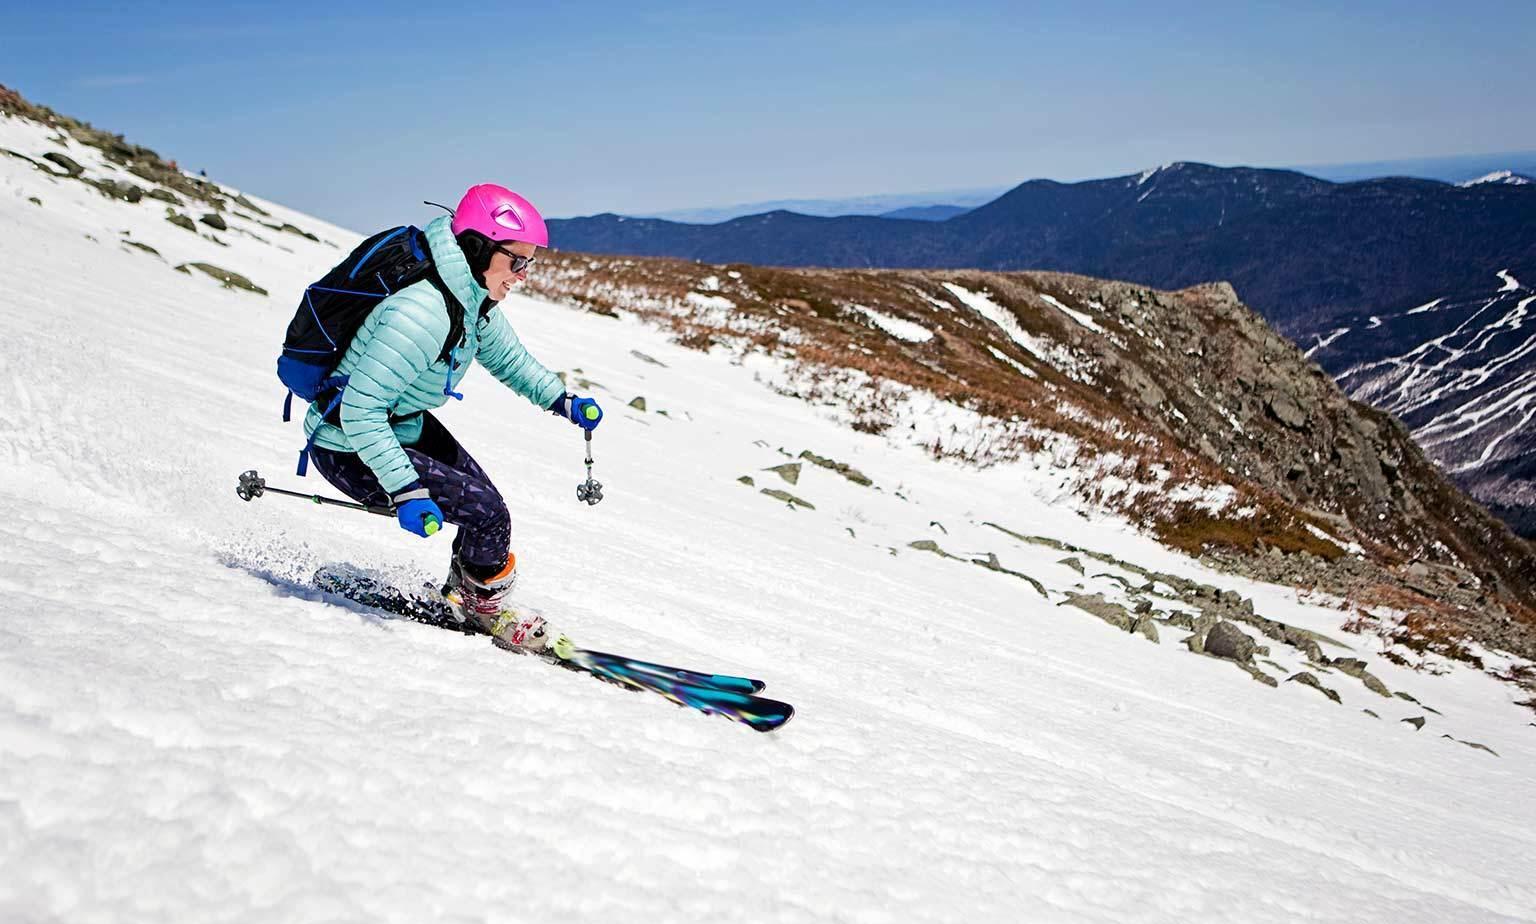 Ski Shop Savings | Up to 30% Off